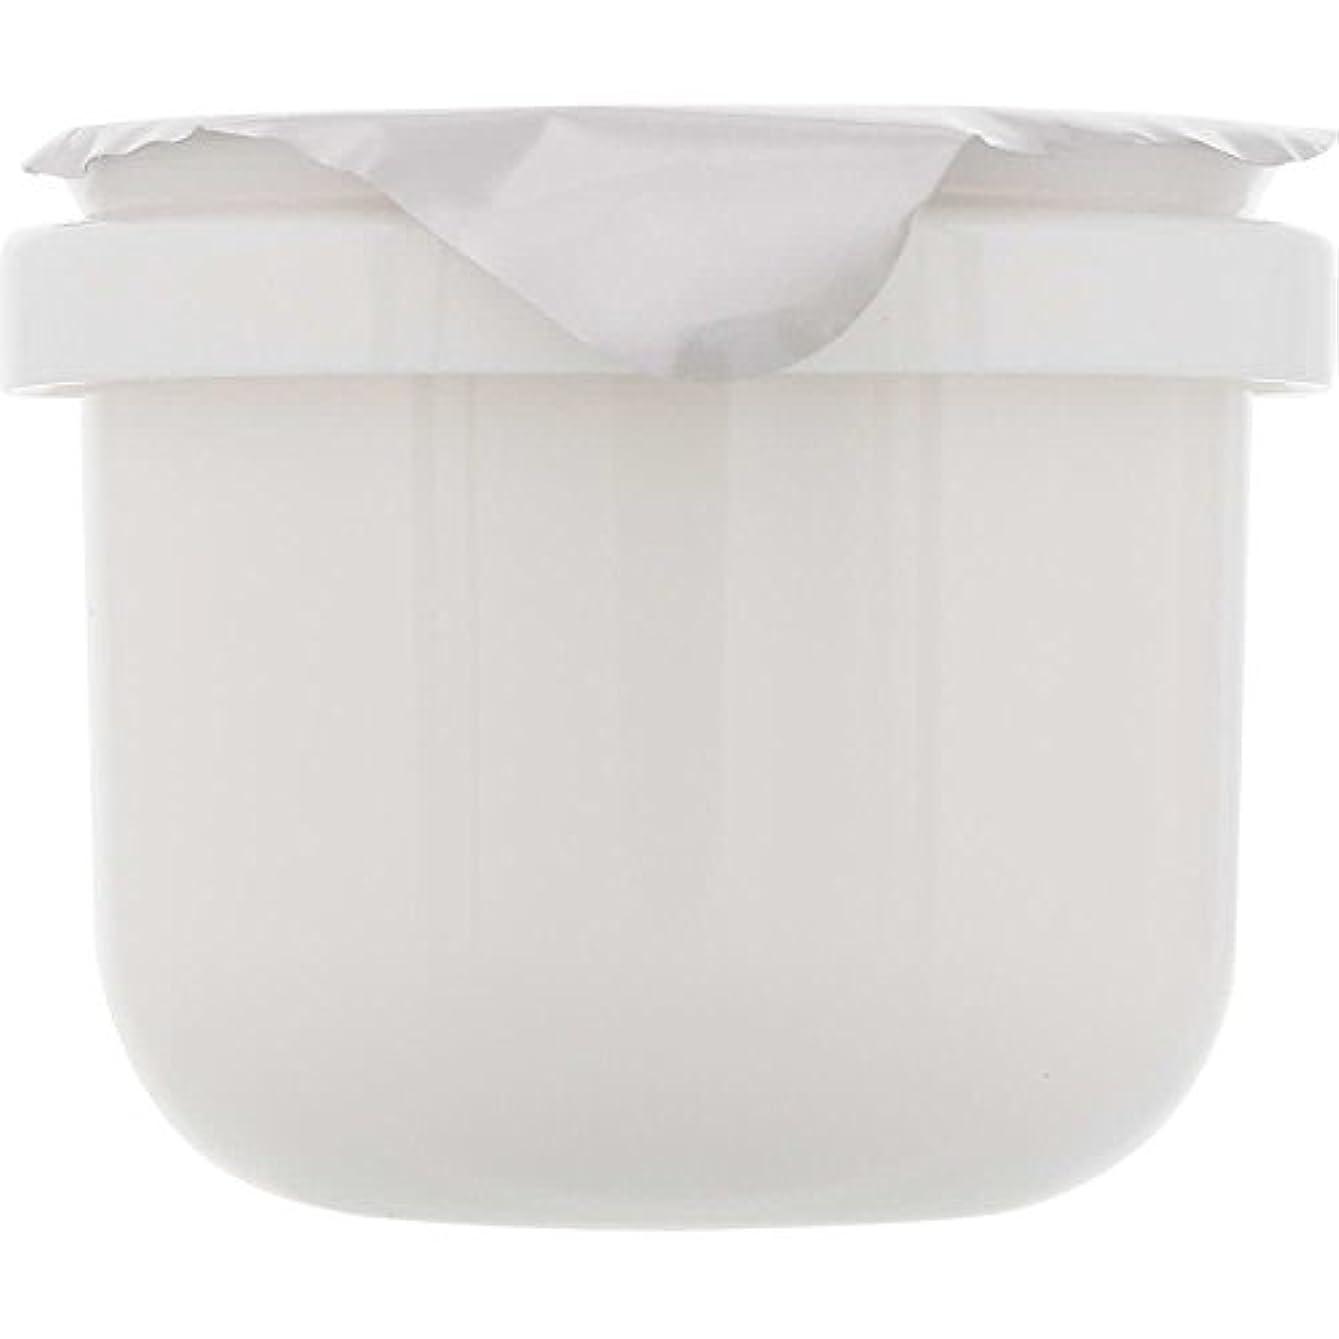 過敏なエンゲージメントストライクLECHERI(ルシェリ) ルシェリ リフトグロウ クリーム 詰替え用 40g